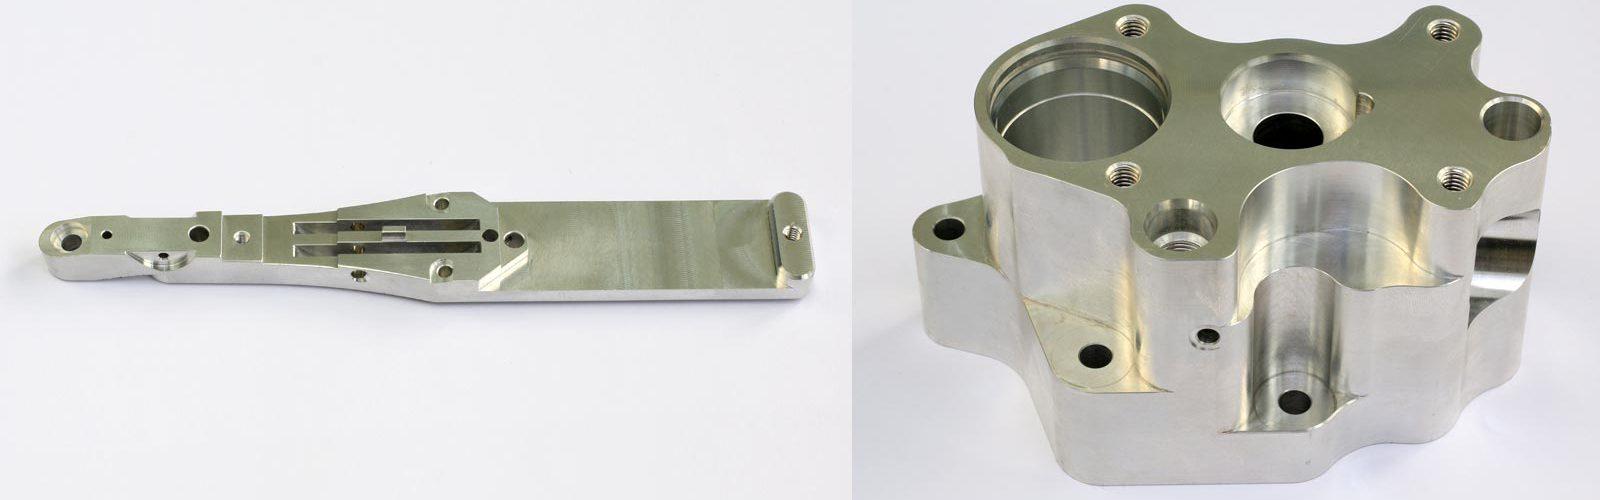 CNC Fräsen - Beispiel